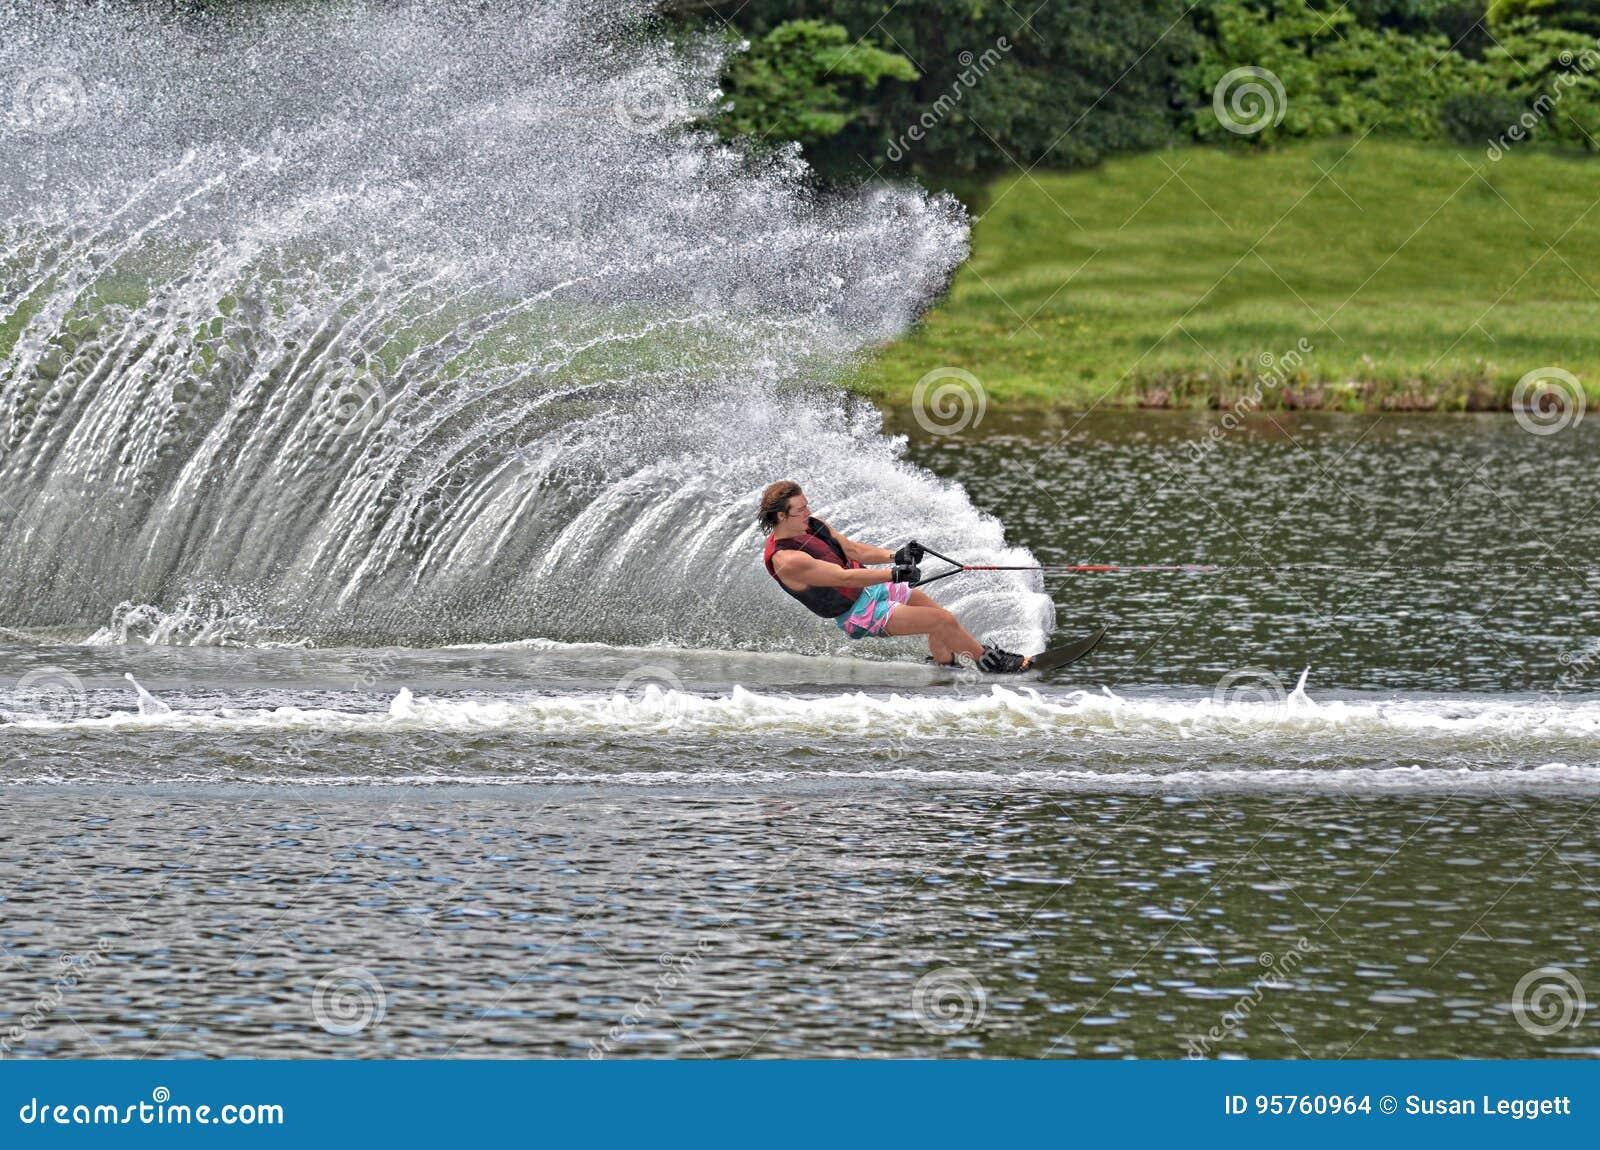 Teen Boy on Slalom Course